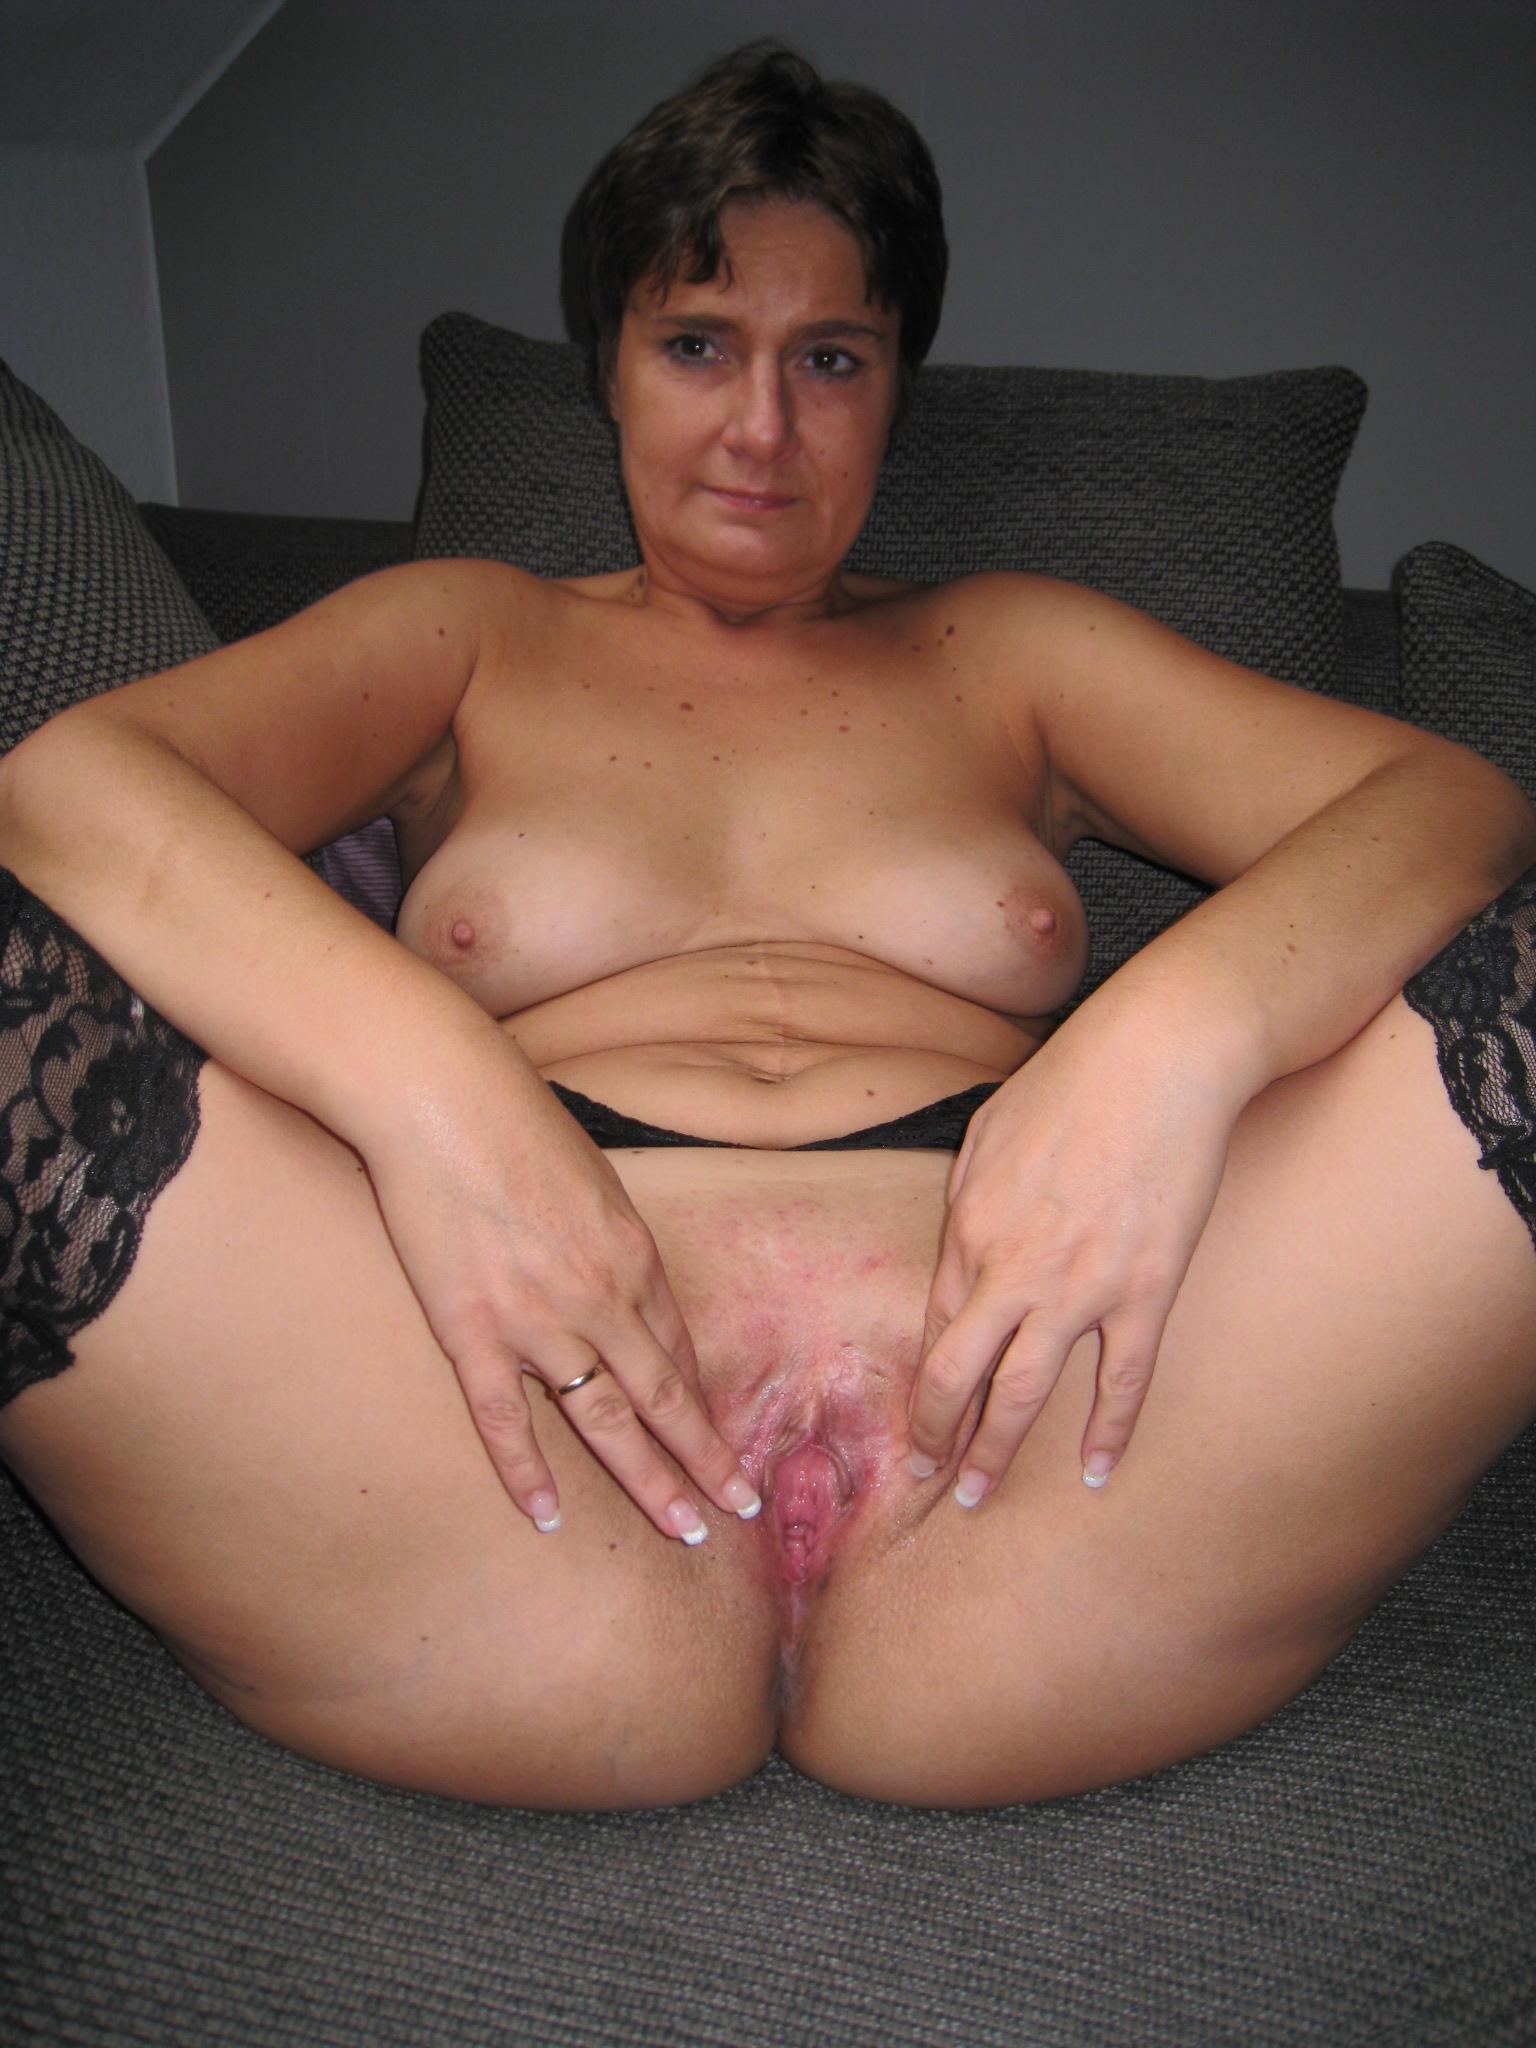 Slutwife